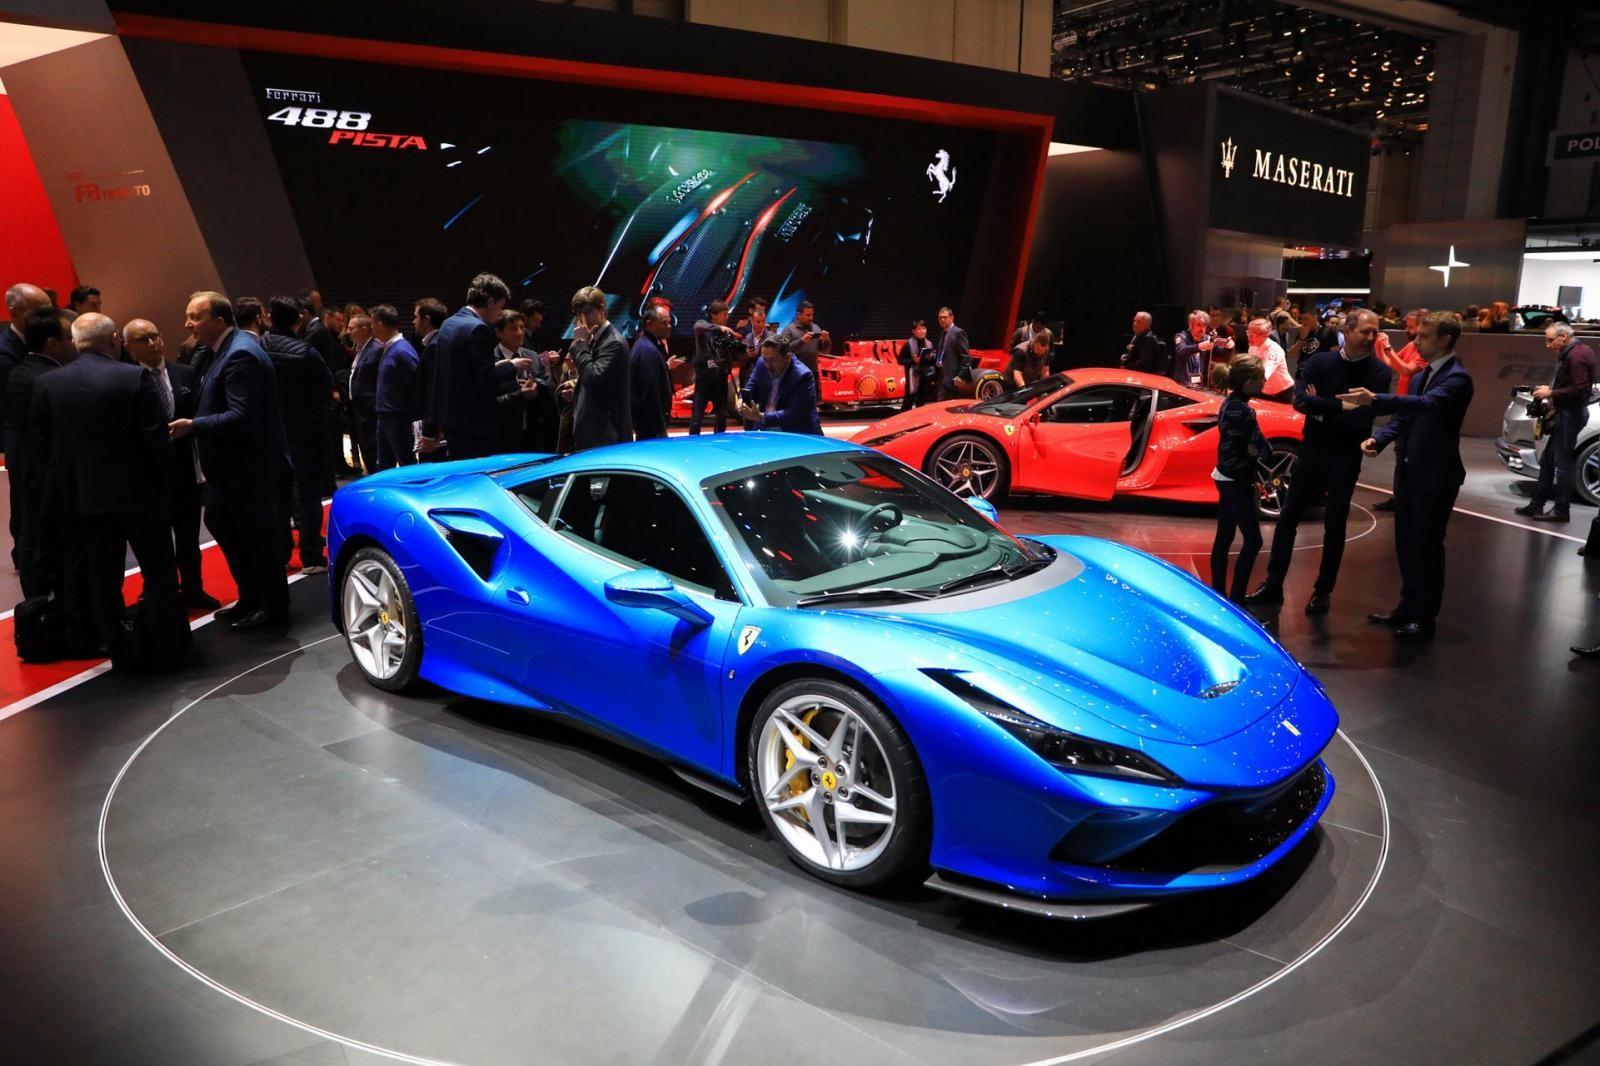 Hãng Ferrari cho rằng F8 Tributo là cầu nối tới một ngôn ngữ thiết kế mới